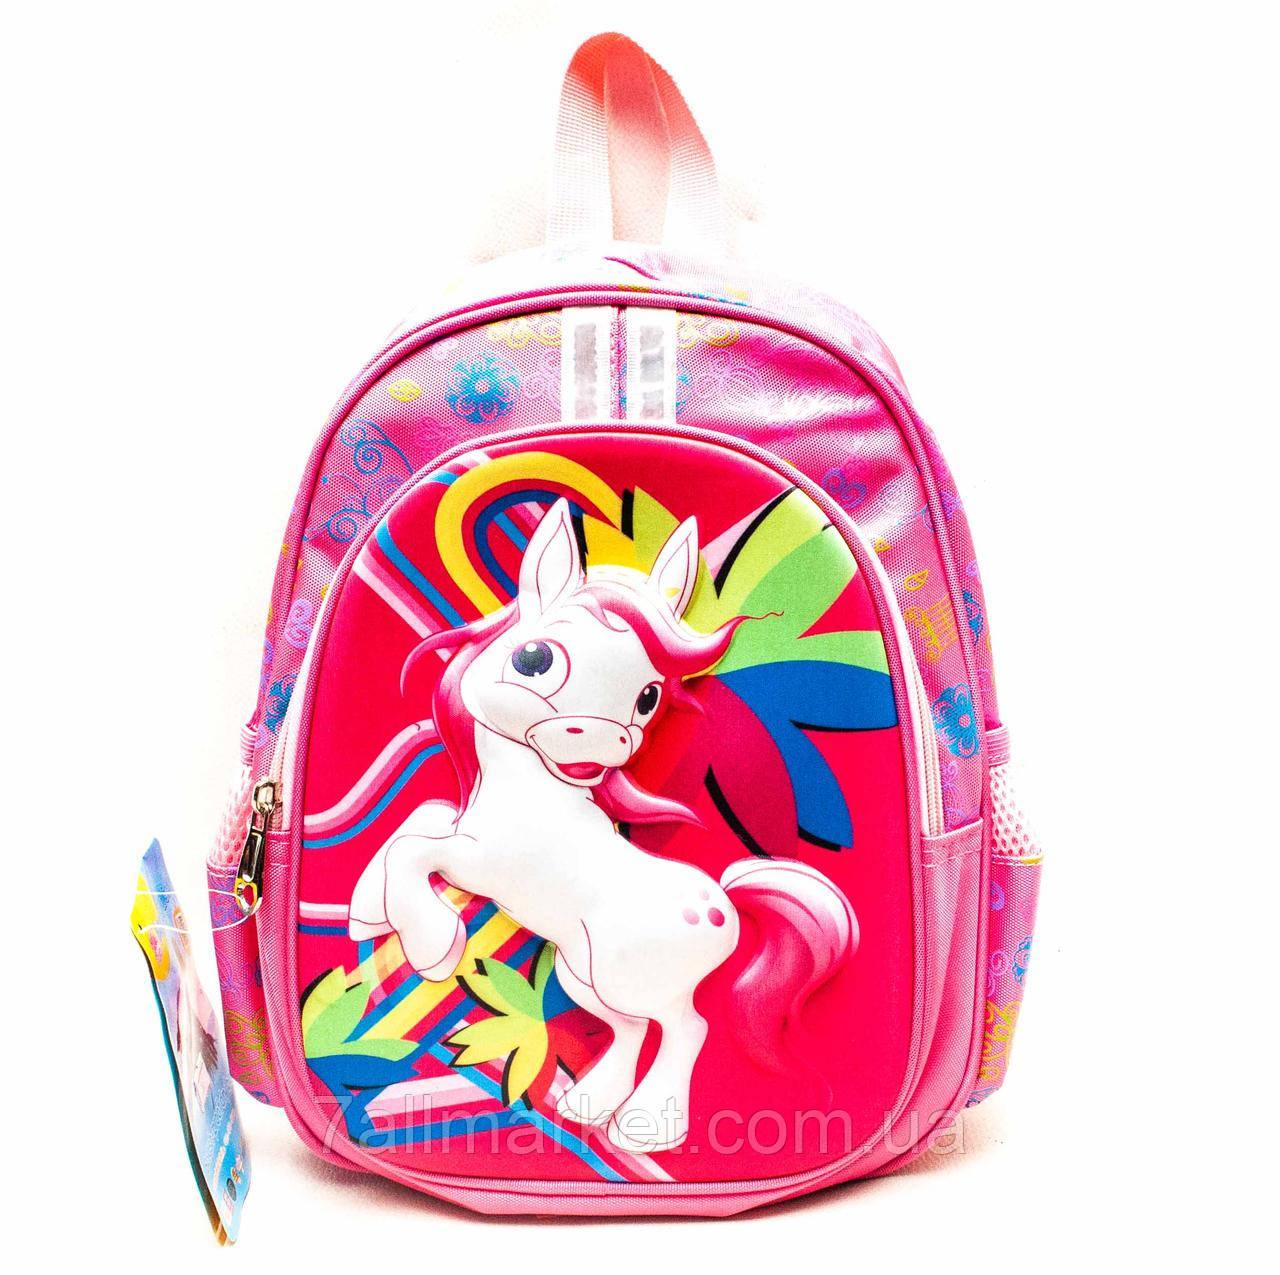 """Рюкзак школьный яркий 3D для девочки (31*21 см) """"SOFOCHKA"""" купить недорого от прямого поставщика"""